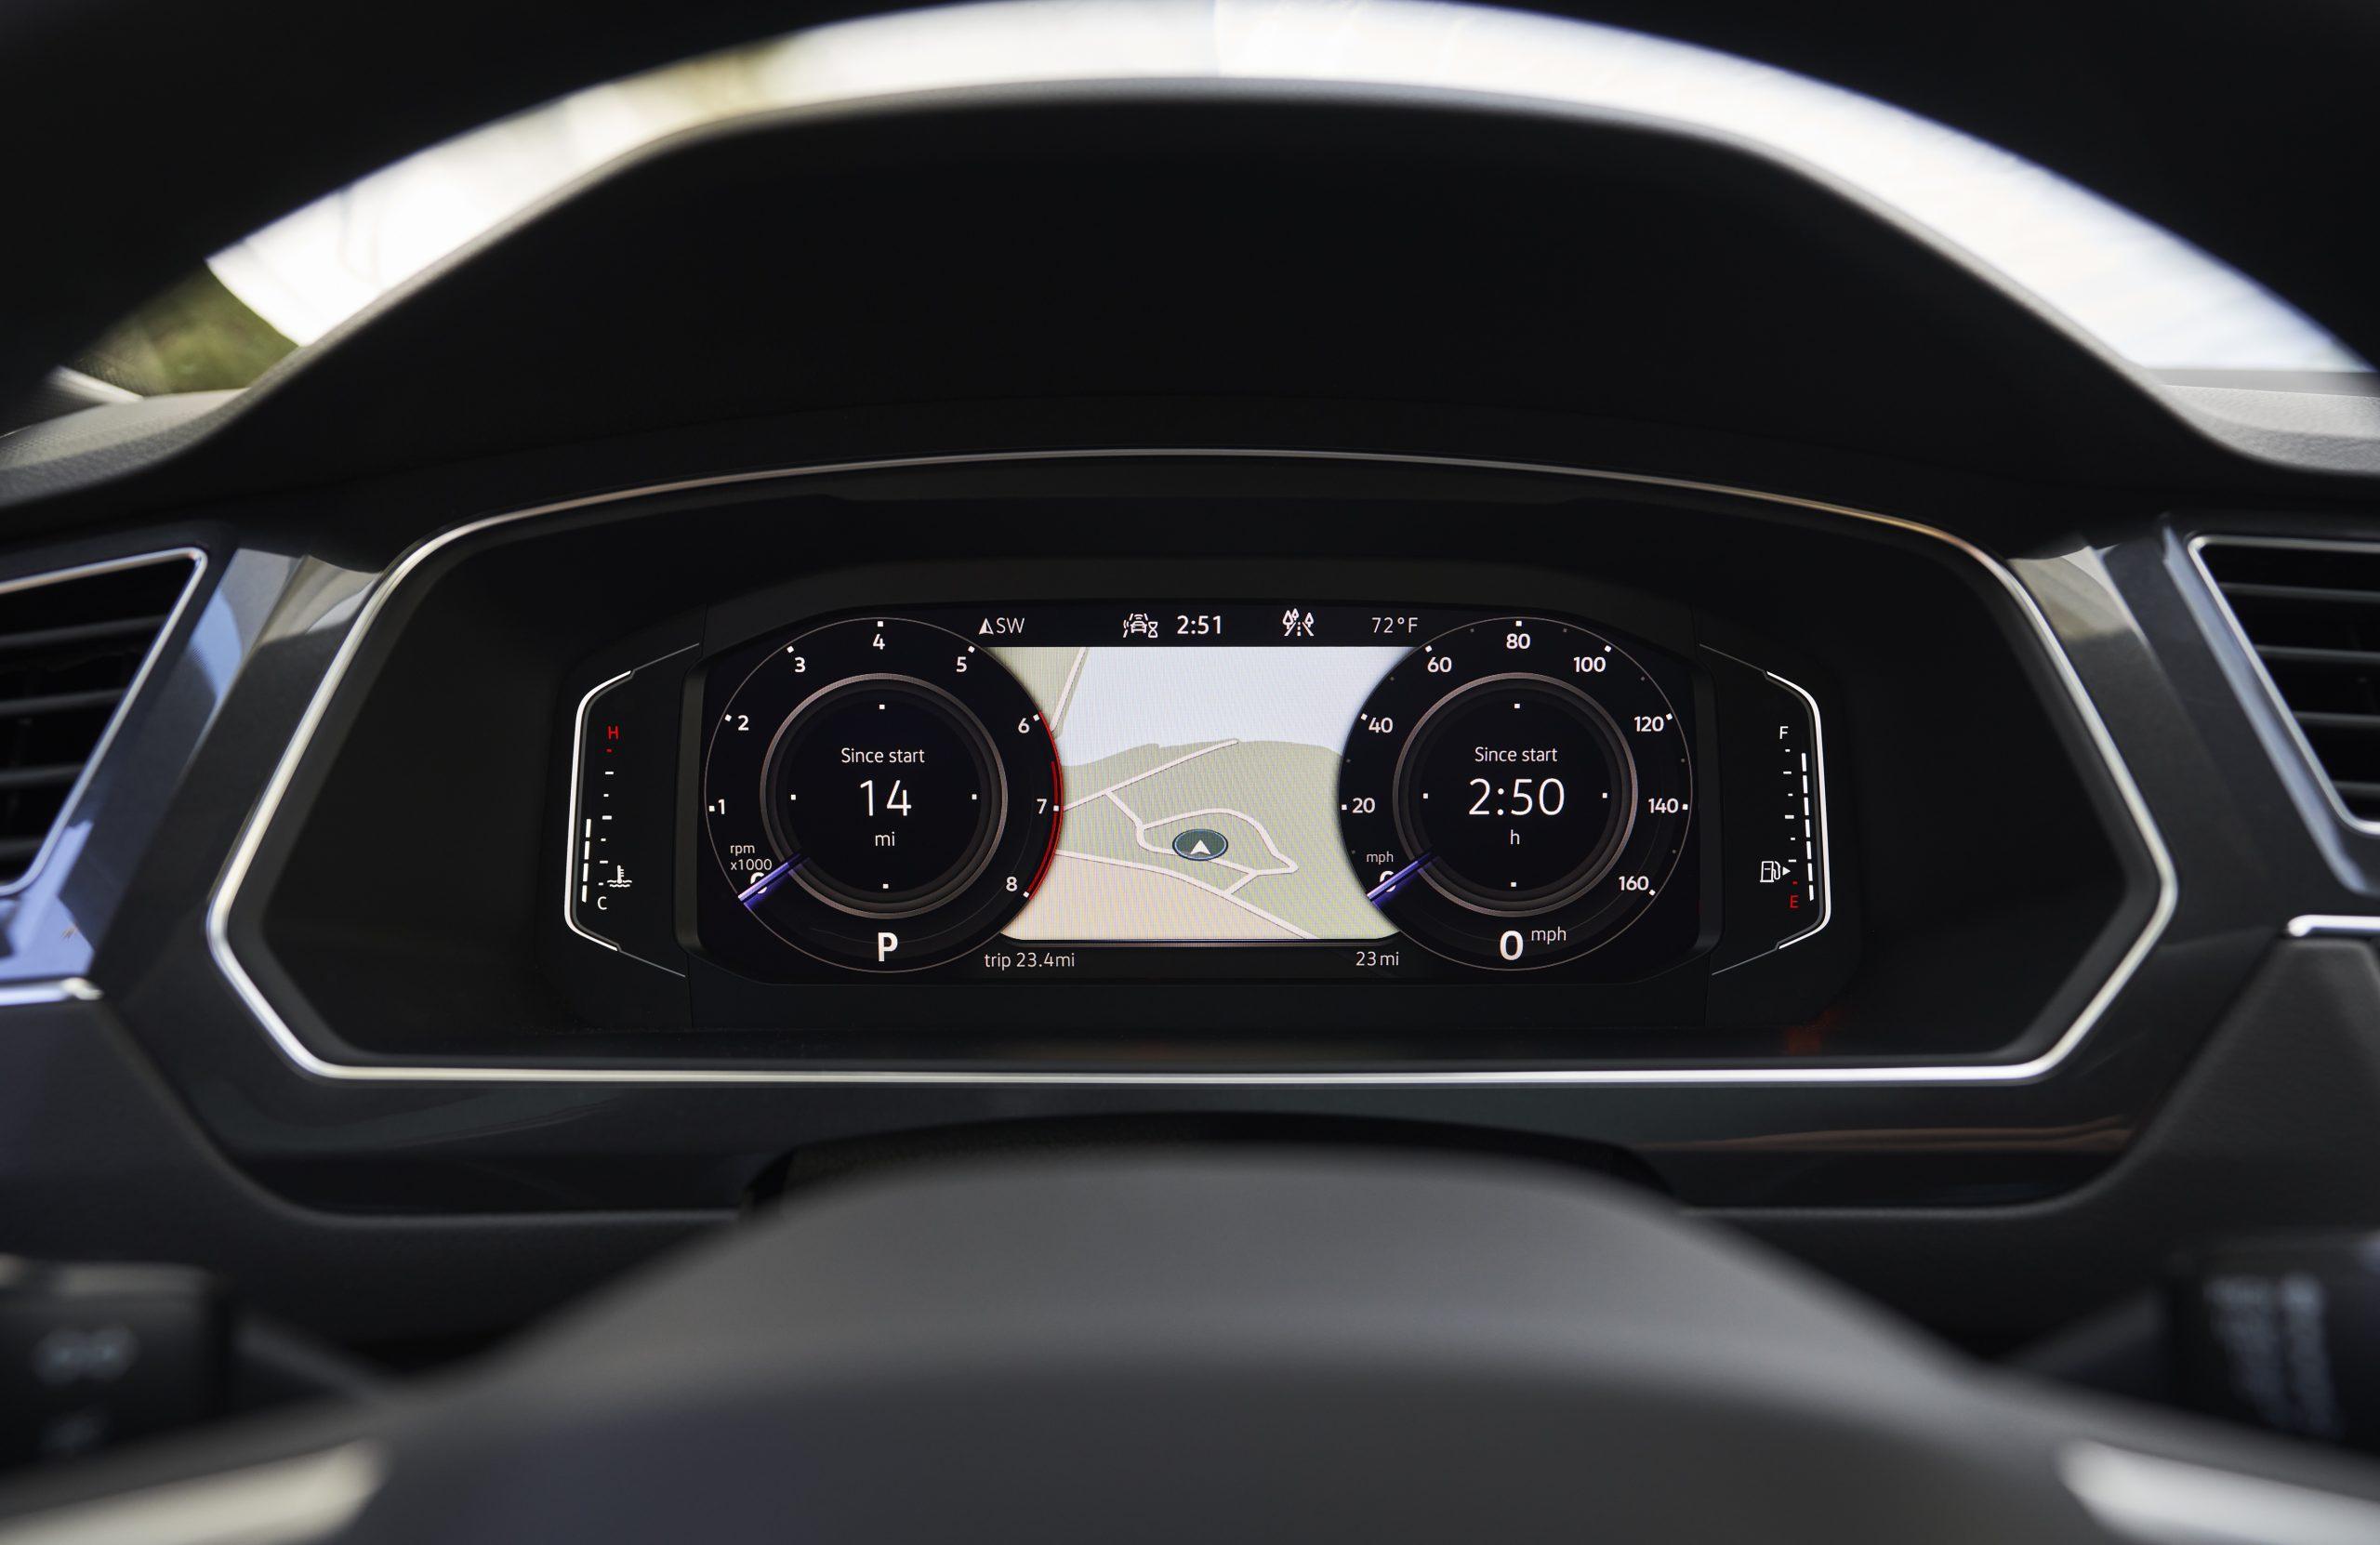 2022 VW Tiguan facelift digital instrument cluster